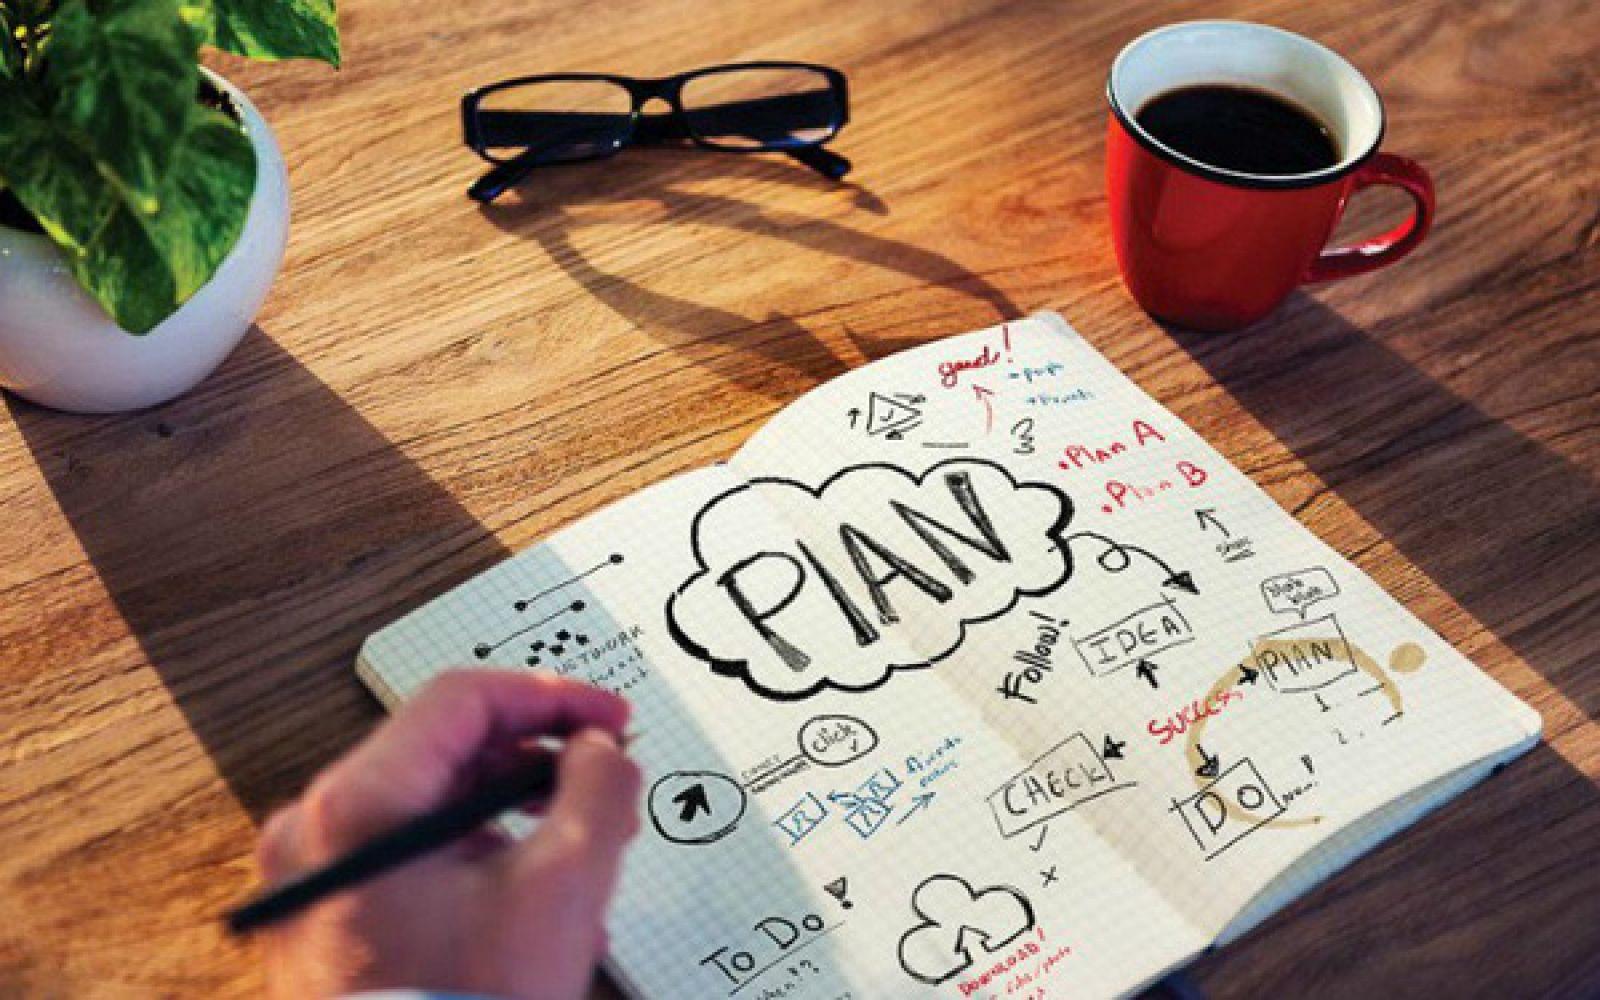 Đánh giá lại quá trình phân tích trong kế hoạch giao dịch